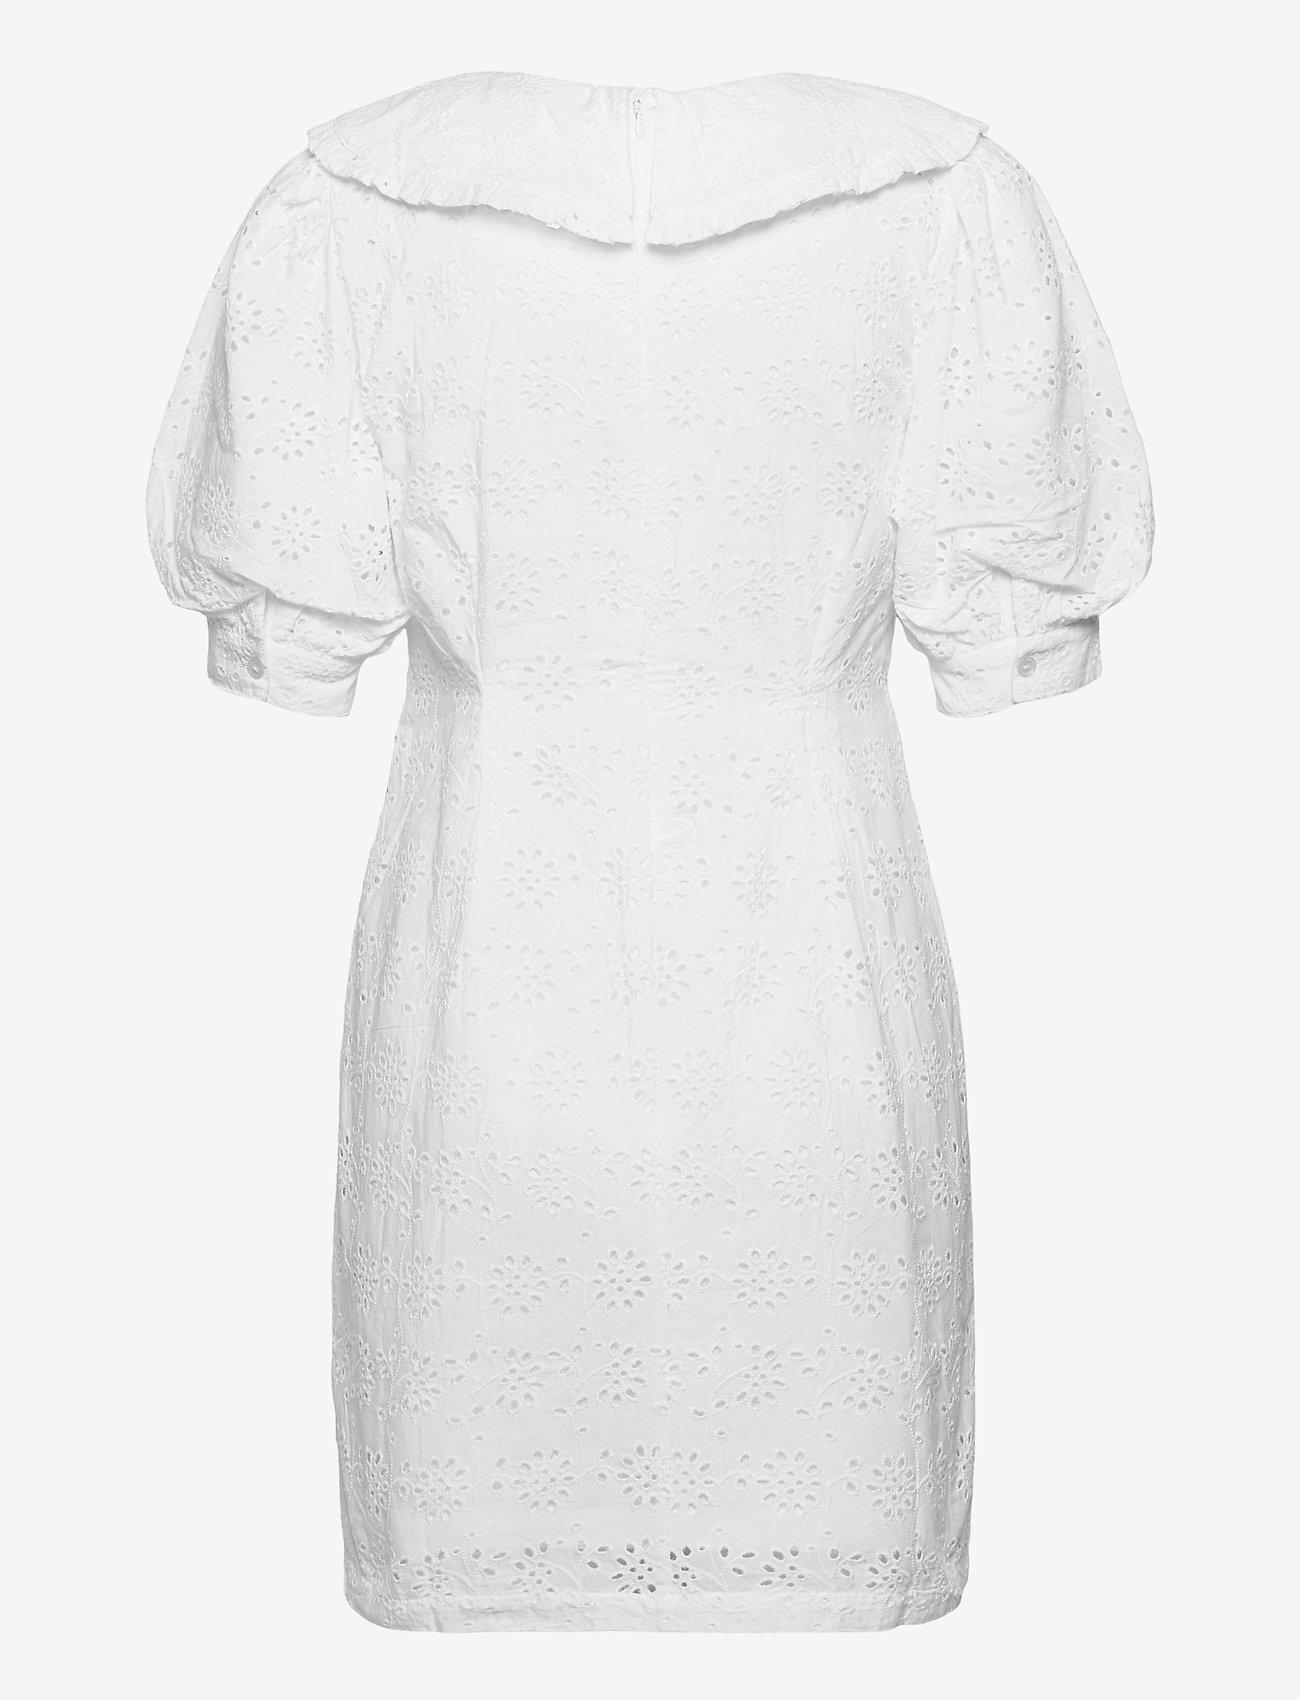 Envii - ENWISTERIA DRESS 6732 - sommerkjoler - white - 1